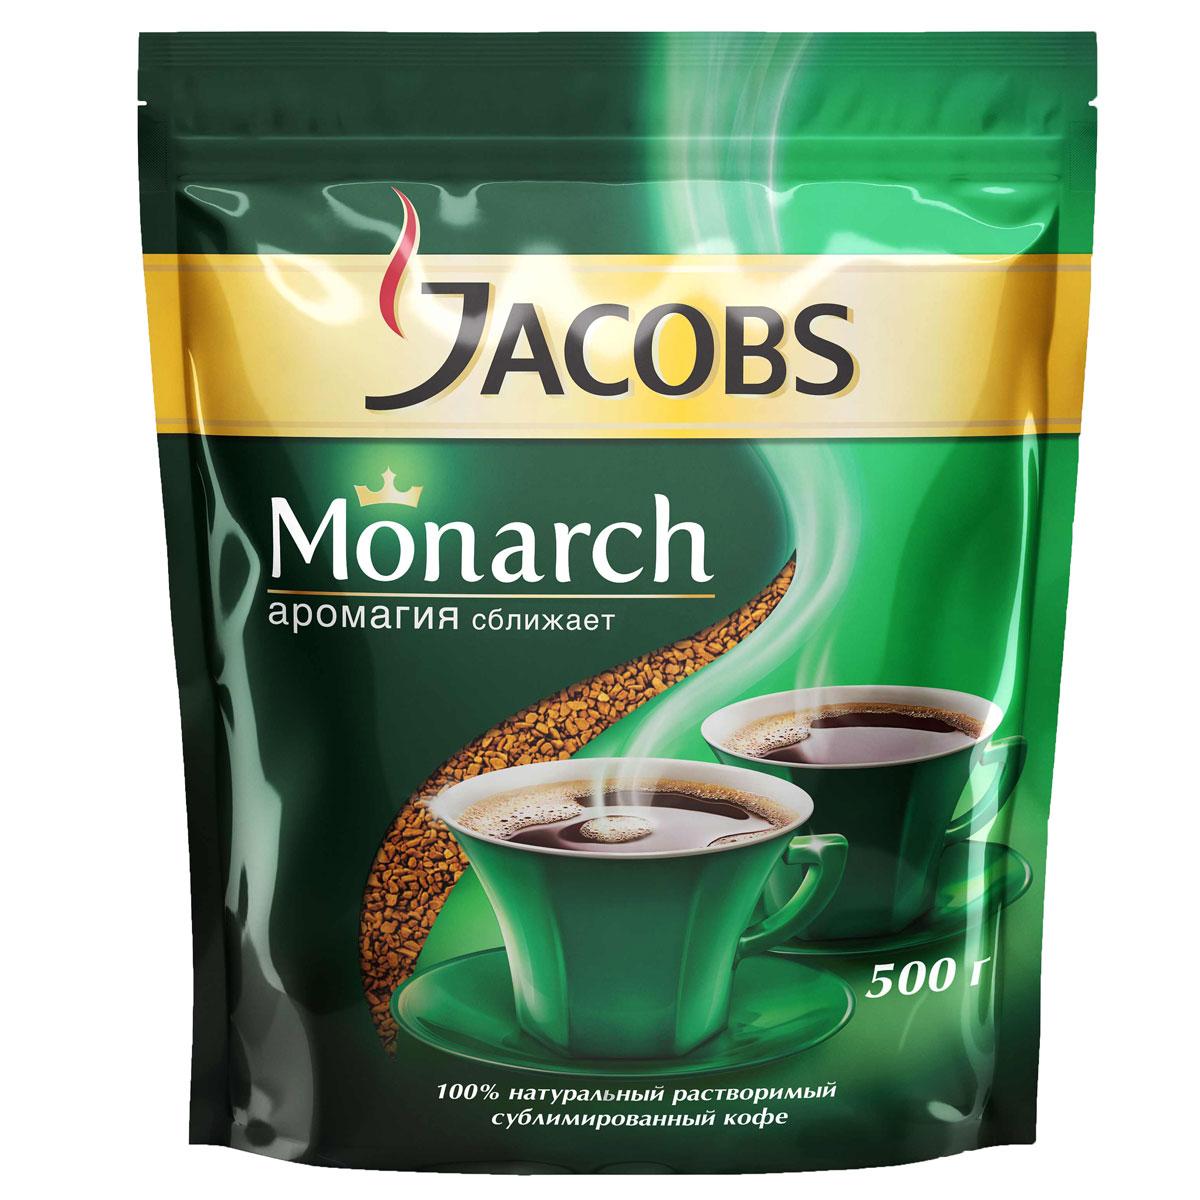 Jacobs Monarch кофе растворимый, 500 г (пакет)101246В благородной теплоте тщательно обжаренных зерен скрывается секрет подлинной крепости и притягательного аромата кофе Jacobs Monarch. Заварите чашку кофе Jacobs Monarch, и вы сразу почувствуете, как его уникальный притягательный аромат окружит вас и создаст особую атмосферу для теплого общения с вашими близкими.Так рождается неповторимая атмосфера Аромагии кофе Jacobs Monarch.